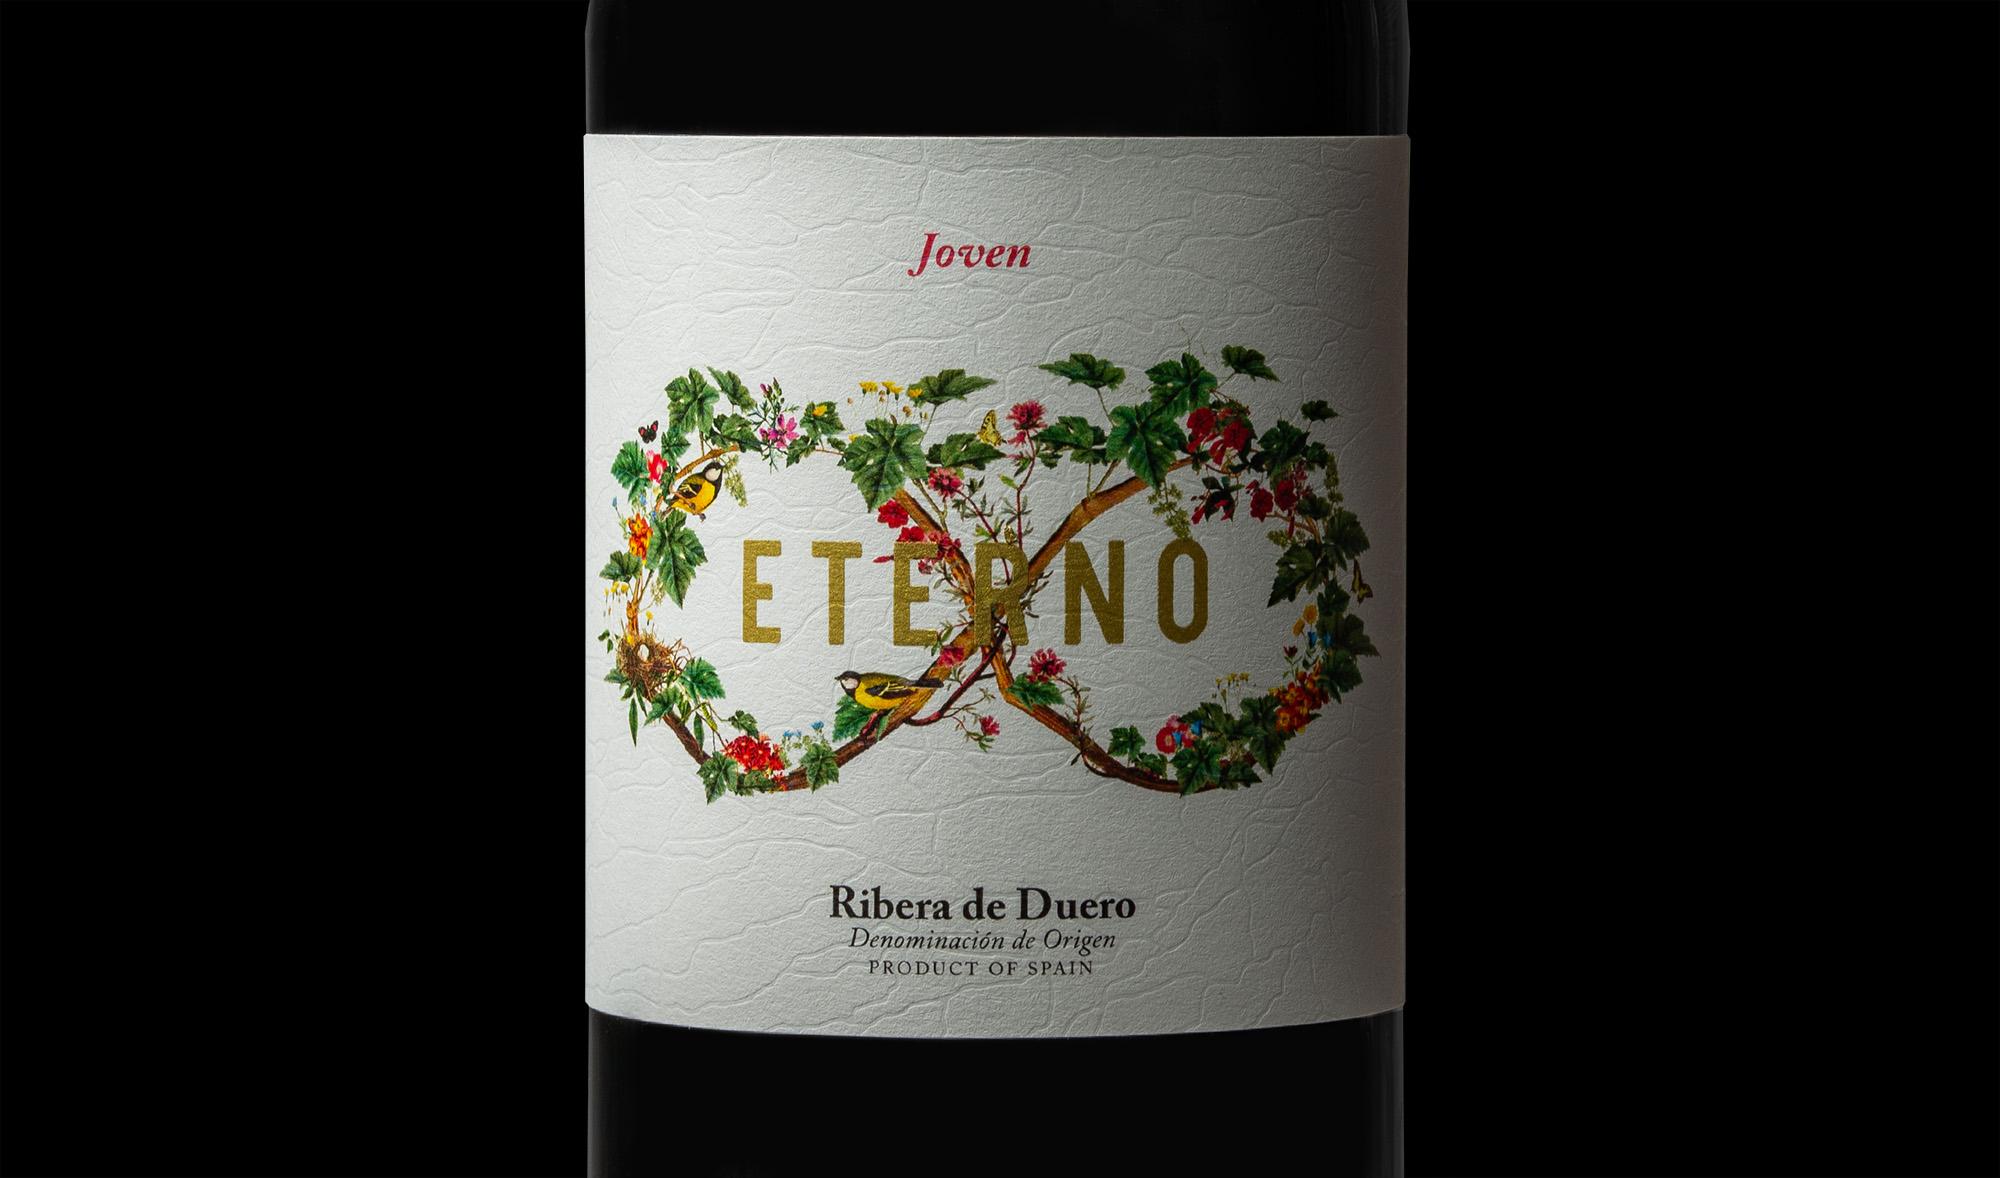 Detalle del diseño e ilustración para la etiqueta de vino joven eterno